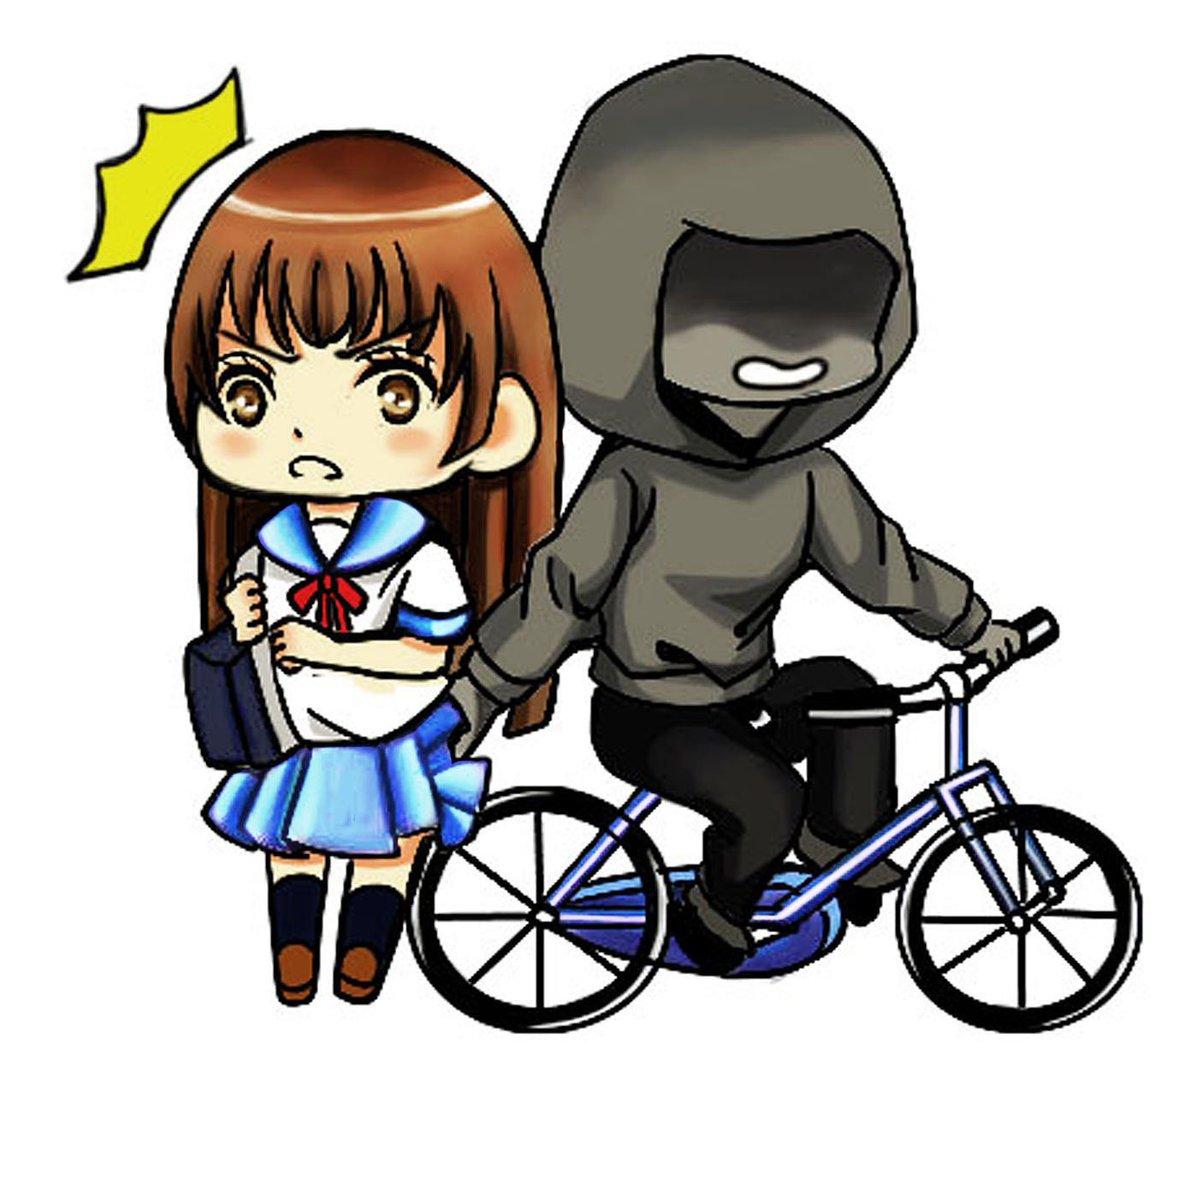 test ツイッターメディア - 【チカン情報・朝霞市】 1月18日(金)午後5時30分ころ、宮戸3丁目地内で、女子中学生が男に身体を触られたとの情報が寄せられました。 男の特徴は、小太り、白黒の迷彩柄ダウンジャケット、黒色ズボン、白色ヘルメット、バイク利用です。 夜道に注意しましょう。#埼玉県警 https://t.co/DL6MhUyY7W